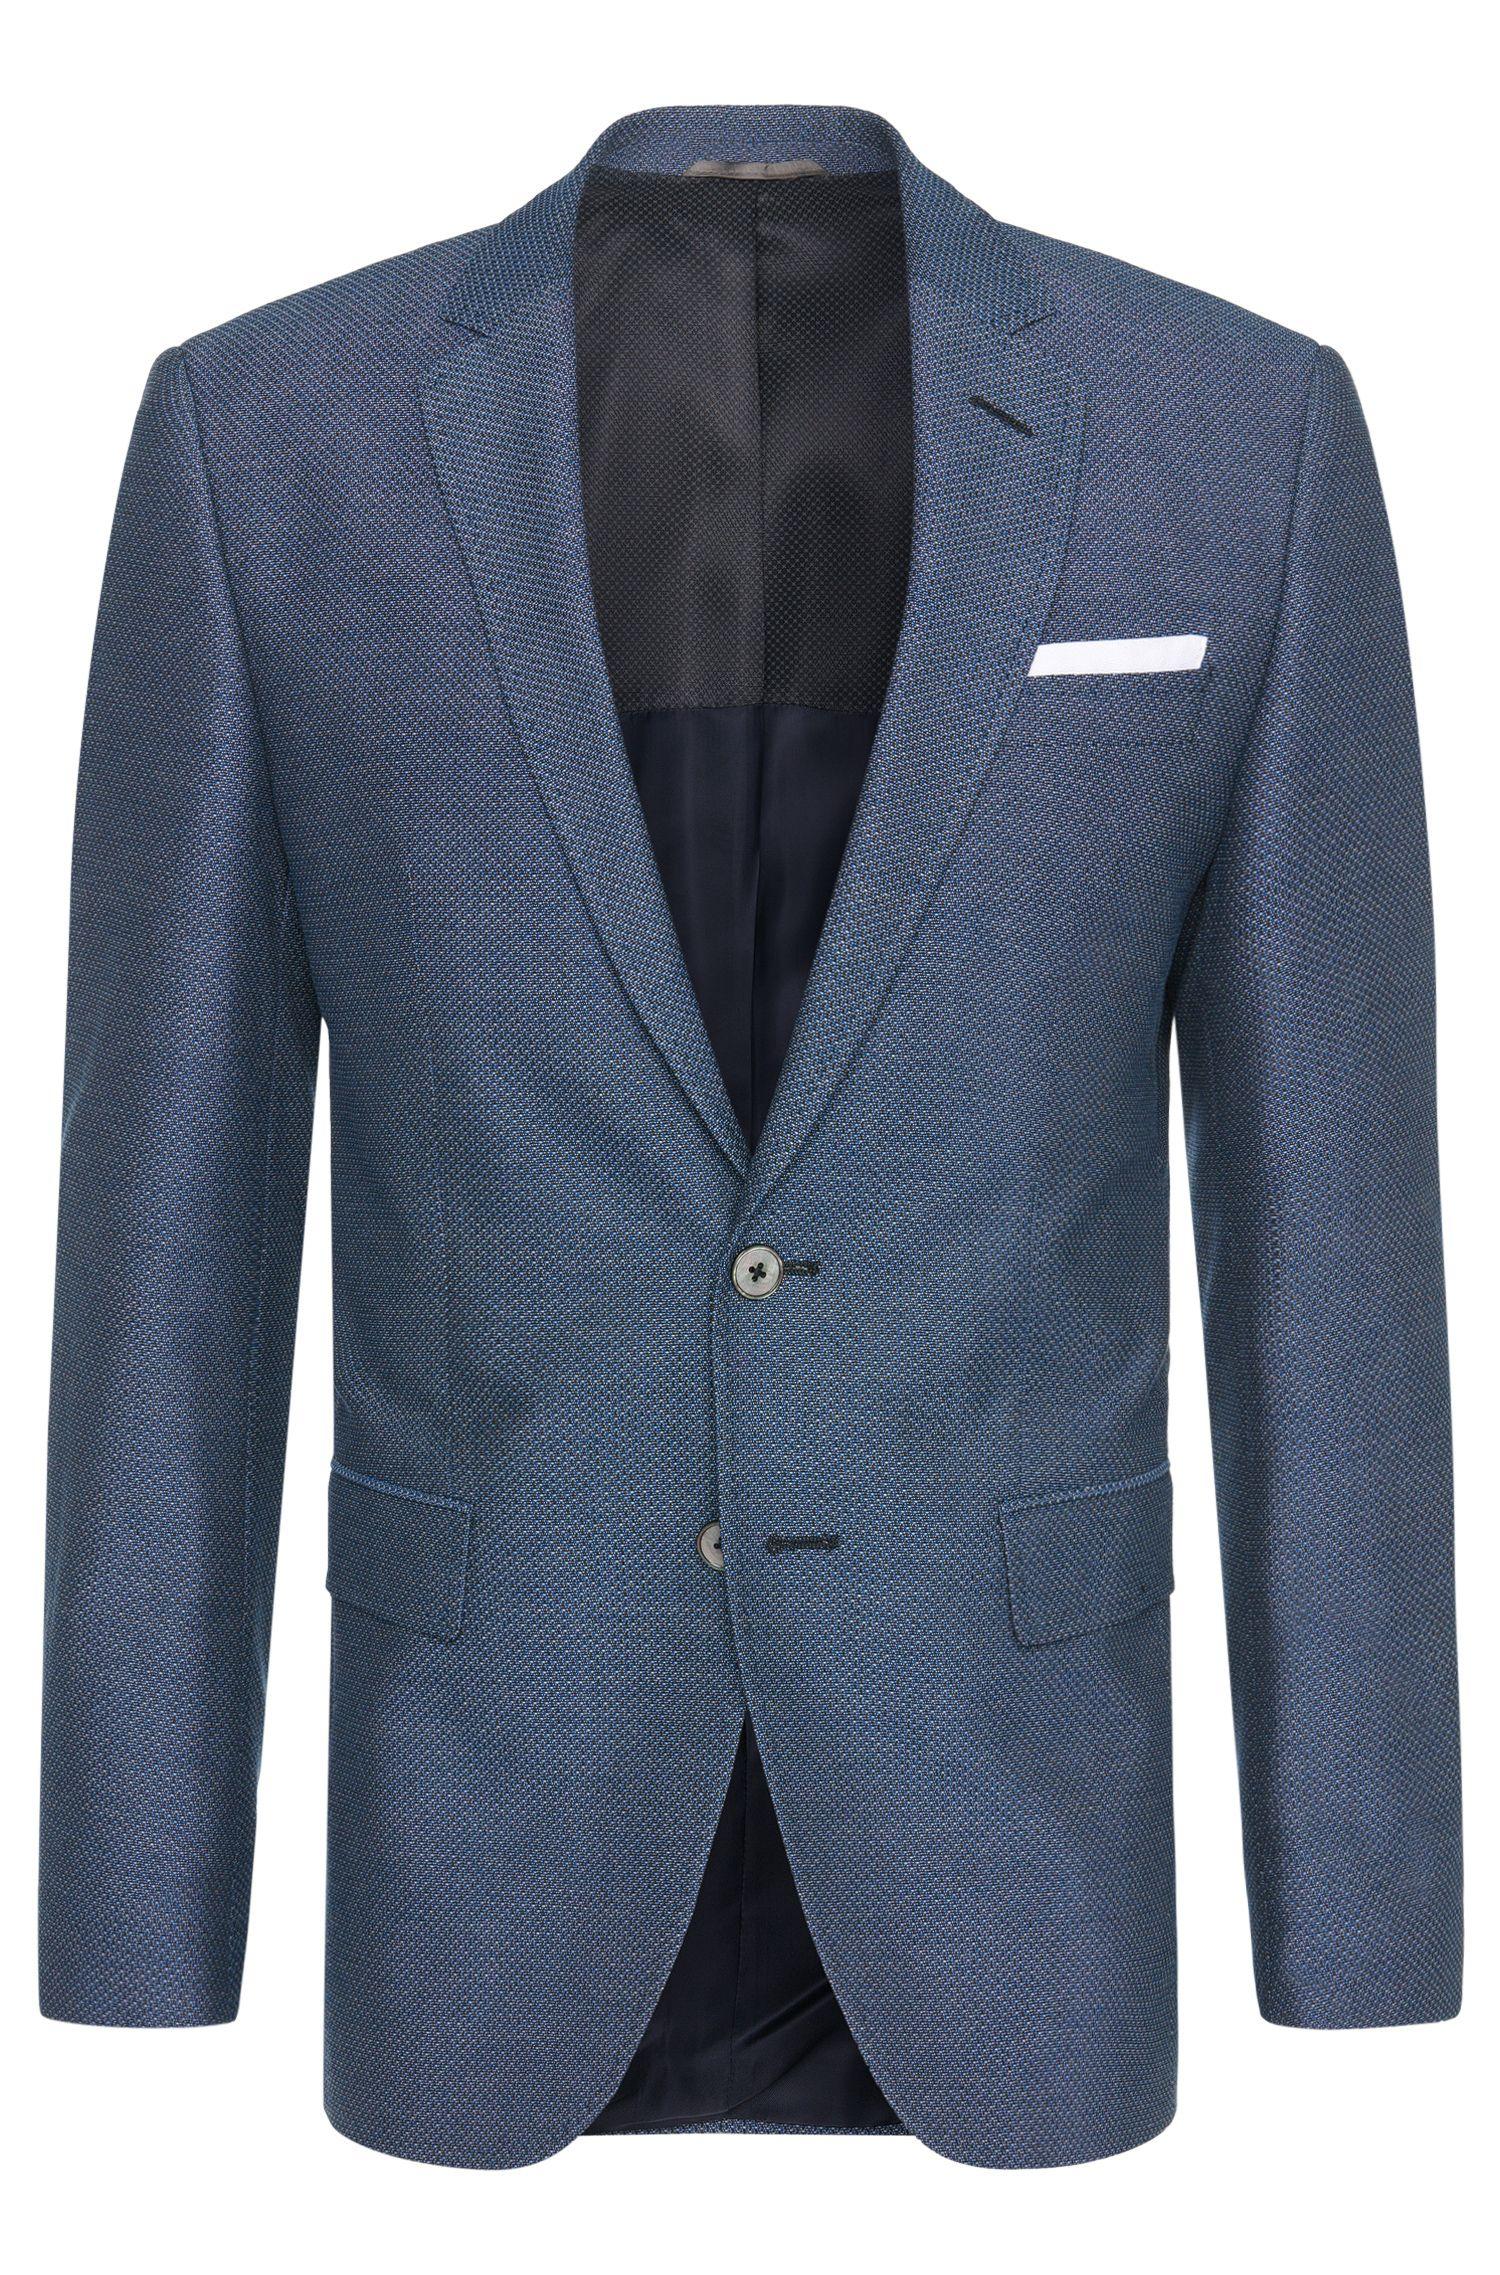 'Hutsons' | Slim Fit, Cotton Blend Sport Coat